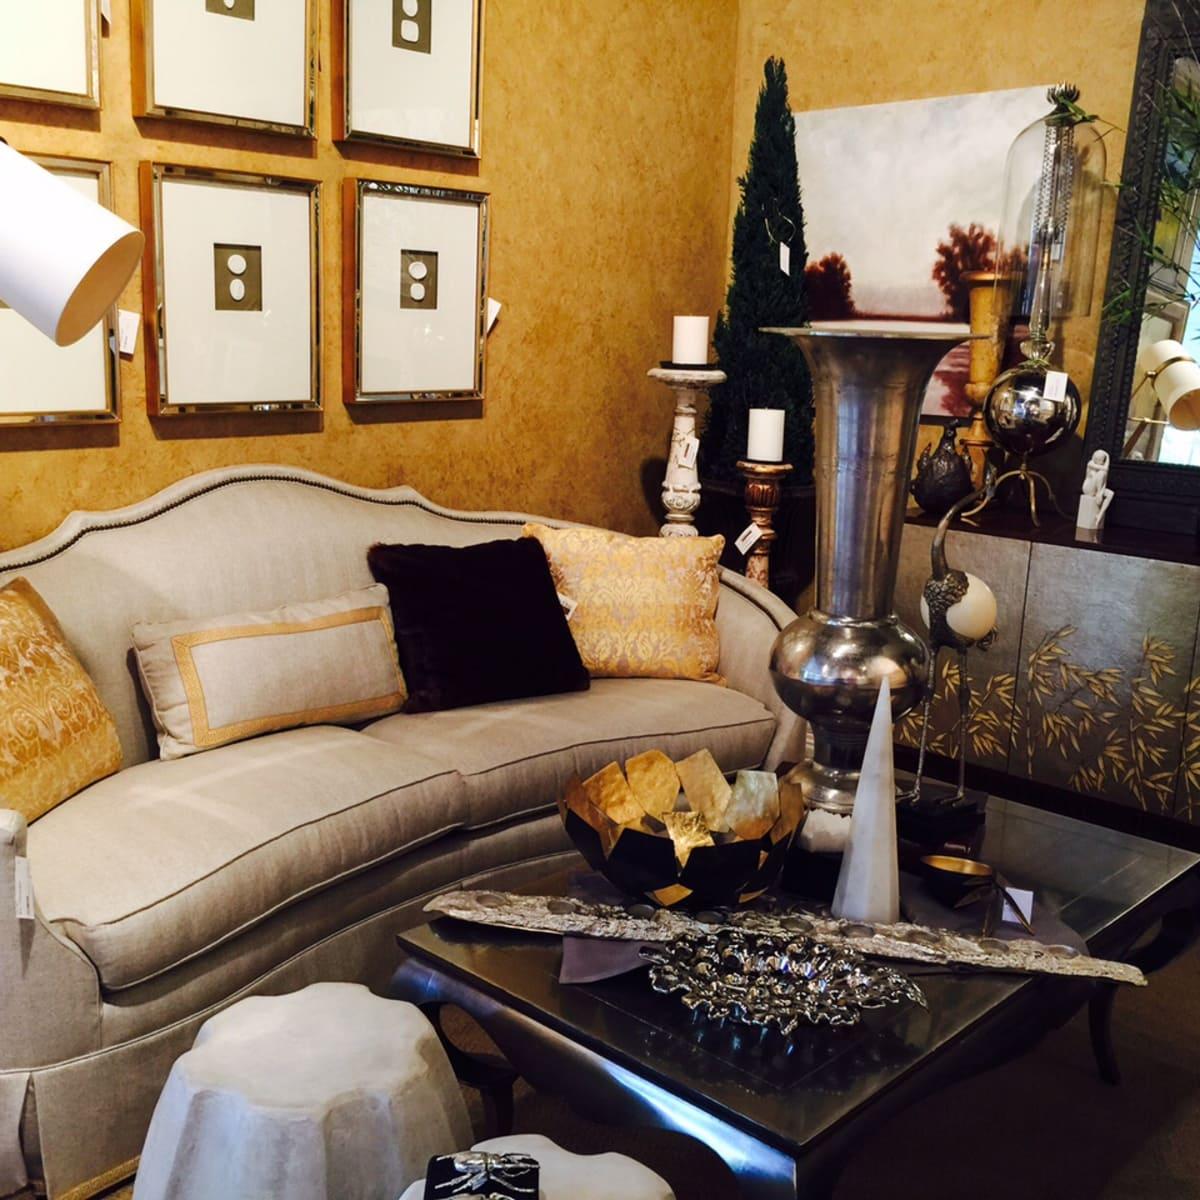 News, Shelby, Houston Design Center, sample sale, Aug. 2015